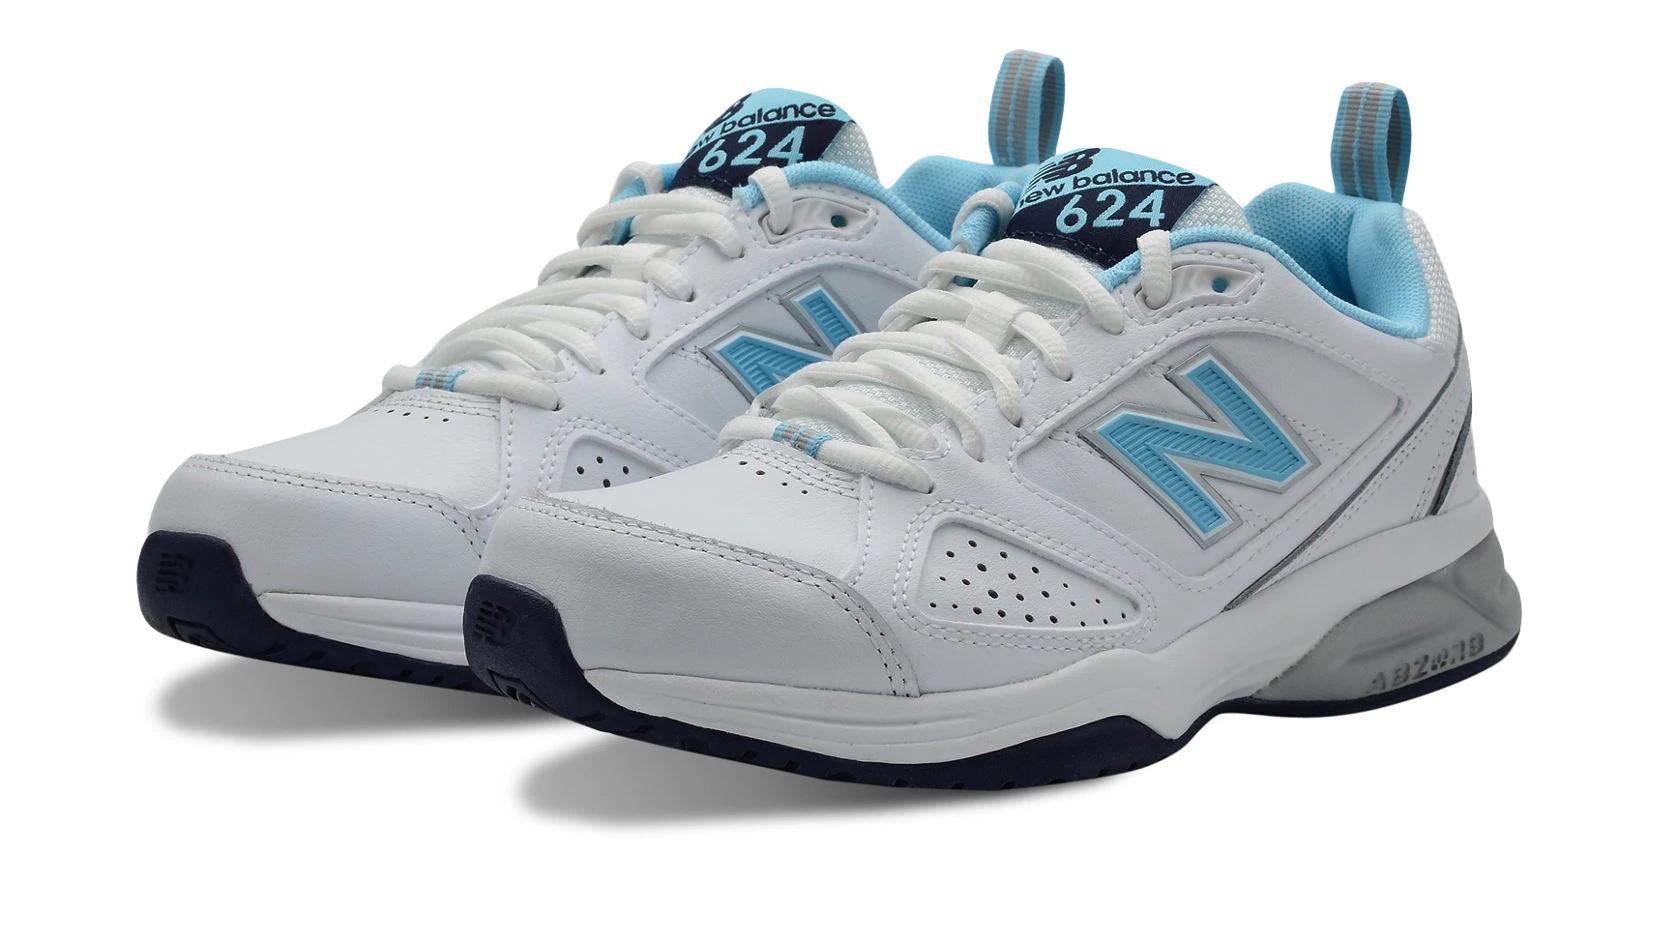 Sneakers 624v4 en blanco y azul